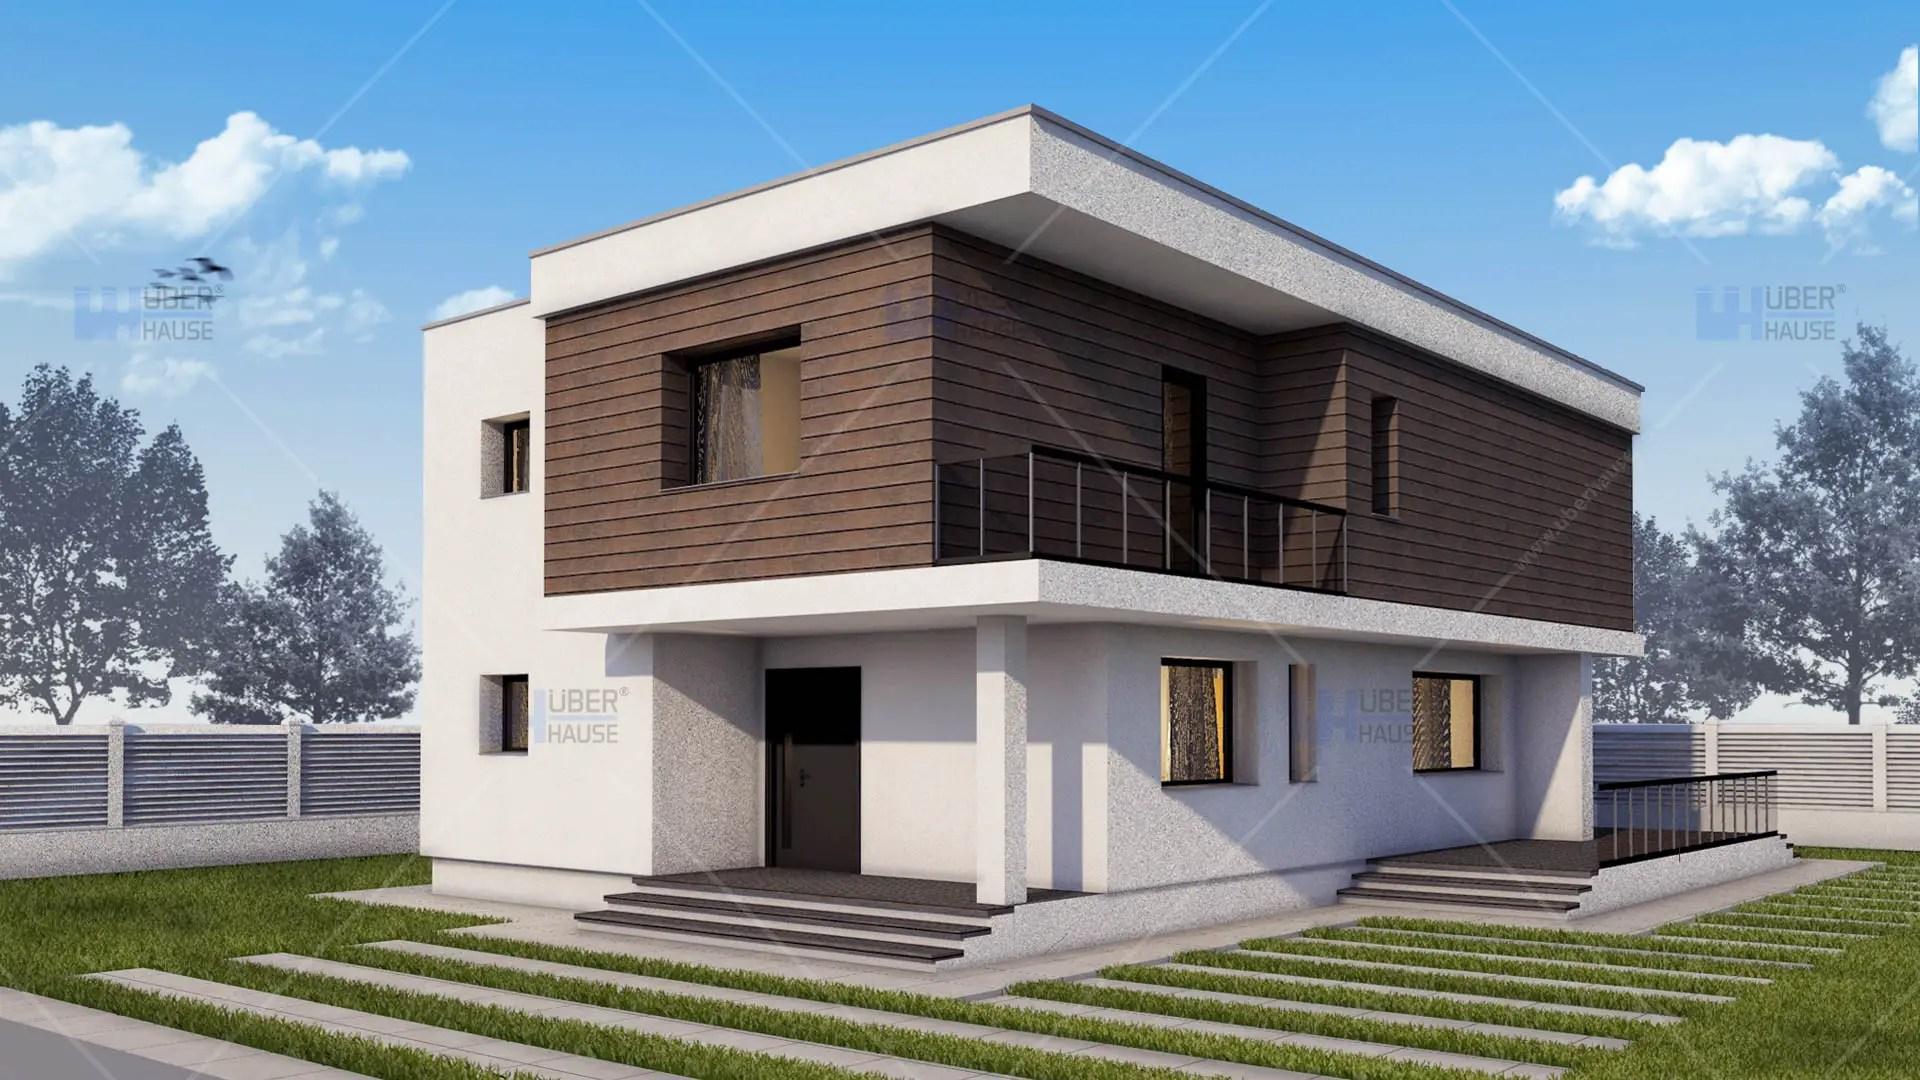 Case Moderne Ad Un Piano : Case moderne modele fatade de case moderne cum profile decorative